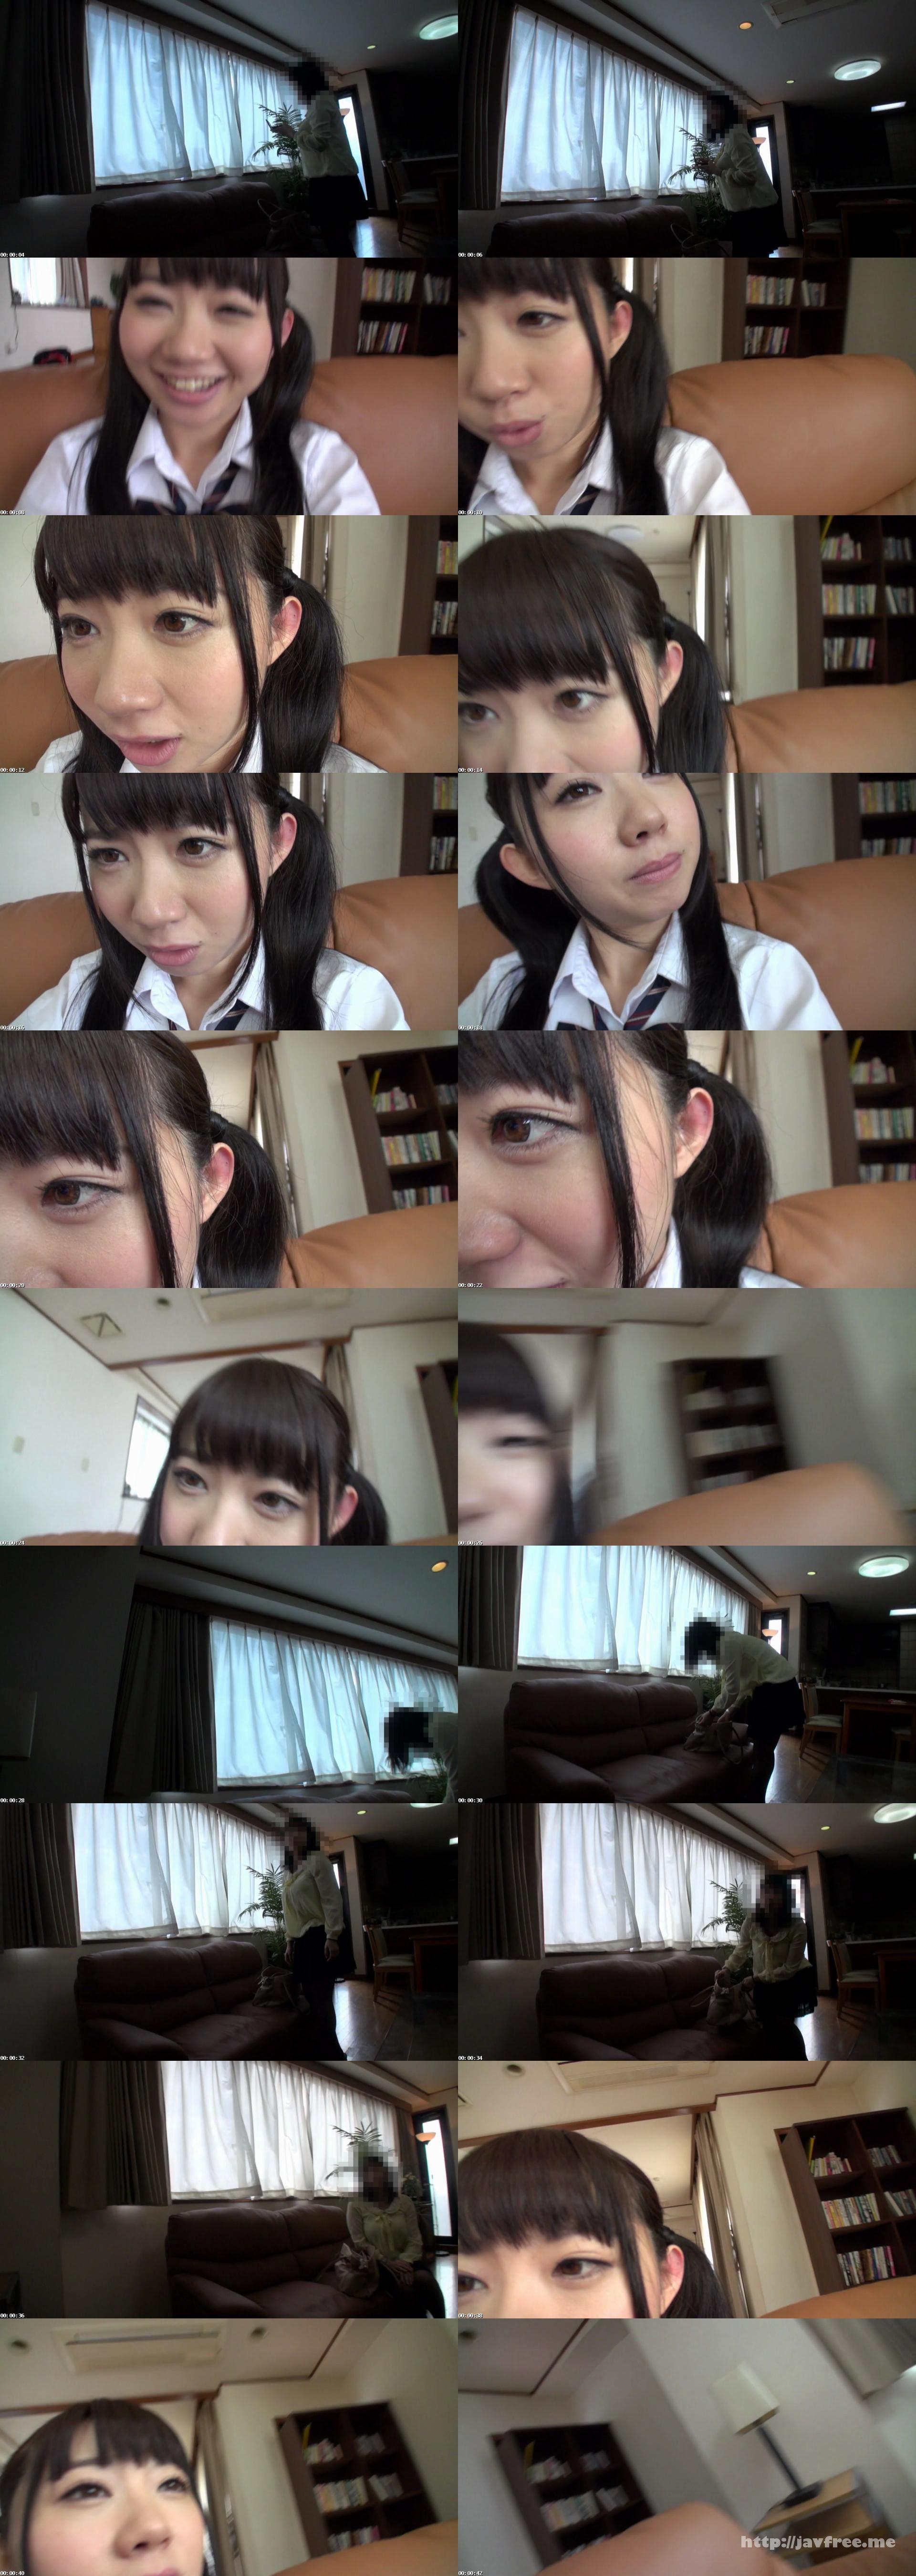 [OYC-085] 妹のお泊まり会の過激な映像を勝手に発売決定!AVメーカーでADをしているボクの妹(女子校生)がビデオカメラを貸して欲しいと言って来たので貸したら、お泊まり会の過激な映像が残っていて…!